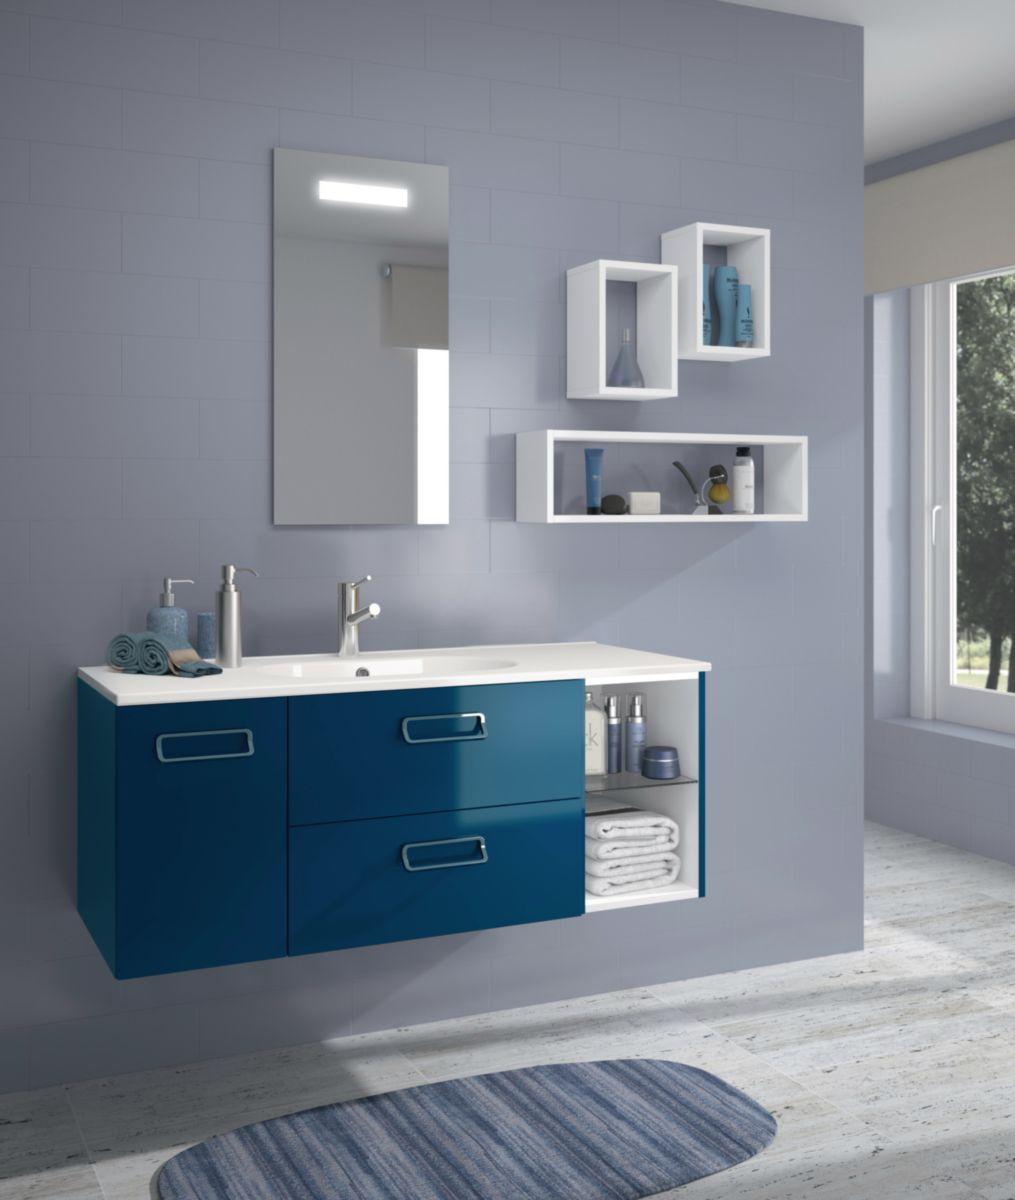 Meuble sous vasque Seducta 30 cm niche bleu pétrole brillant